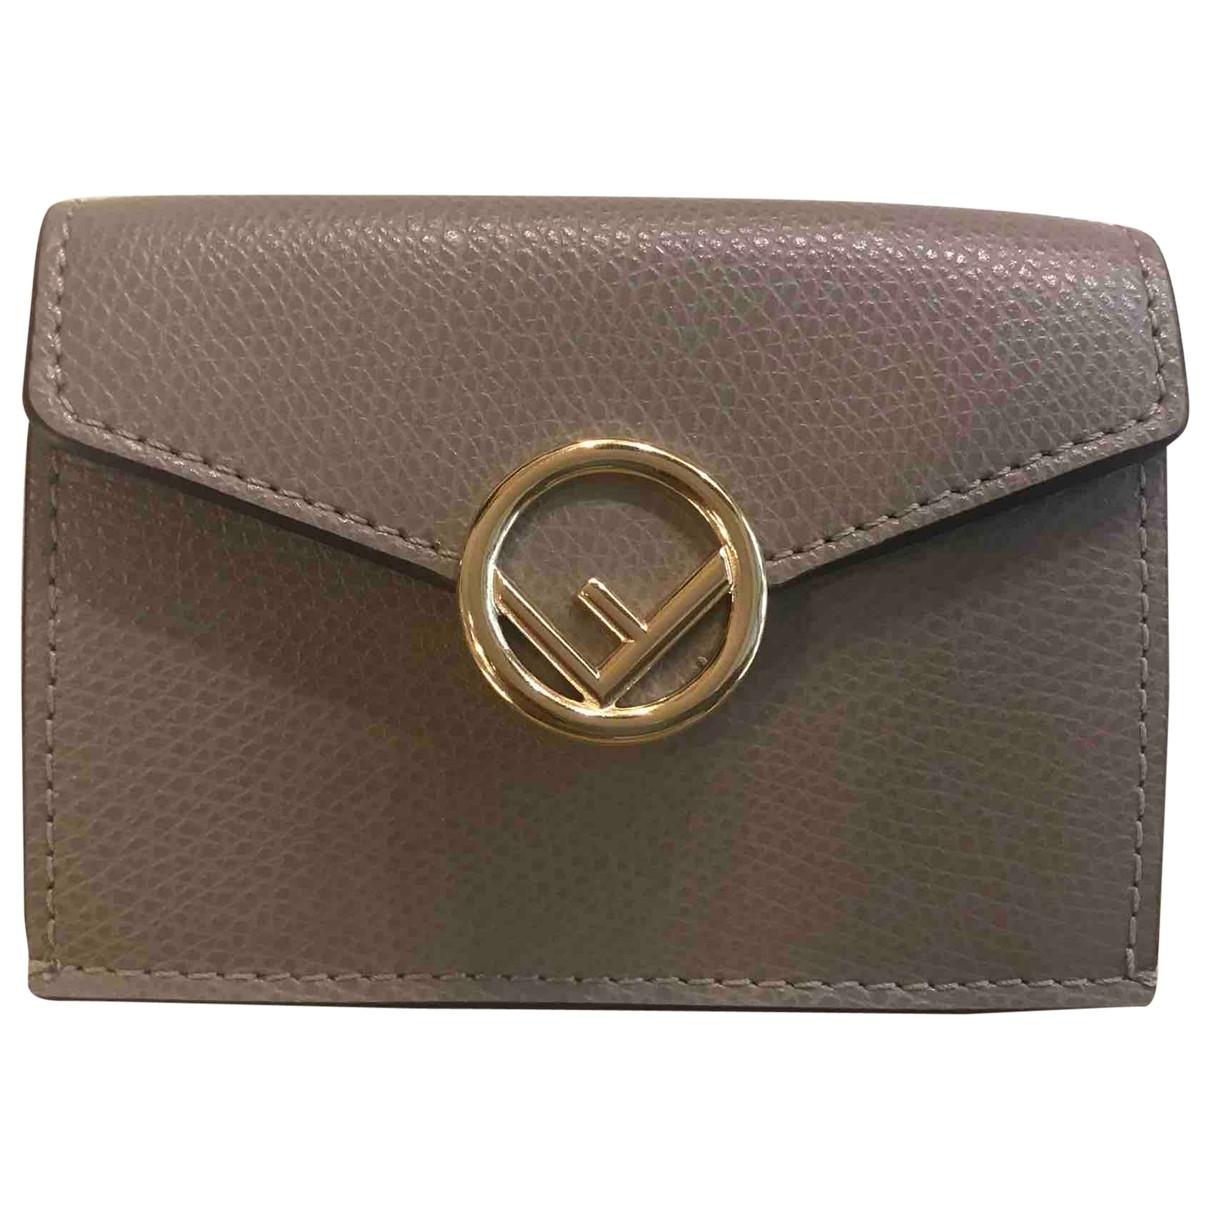 Fendi \N Brown Leather wallet for Women \N